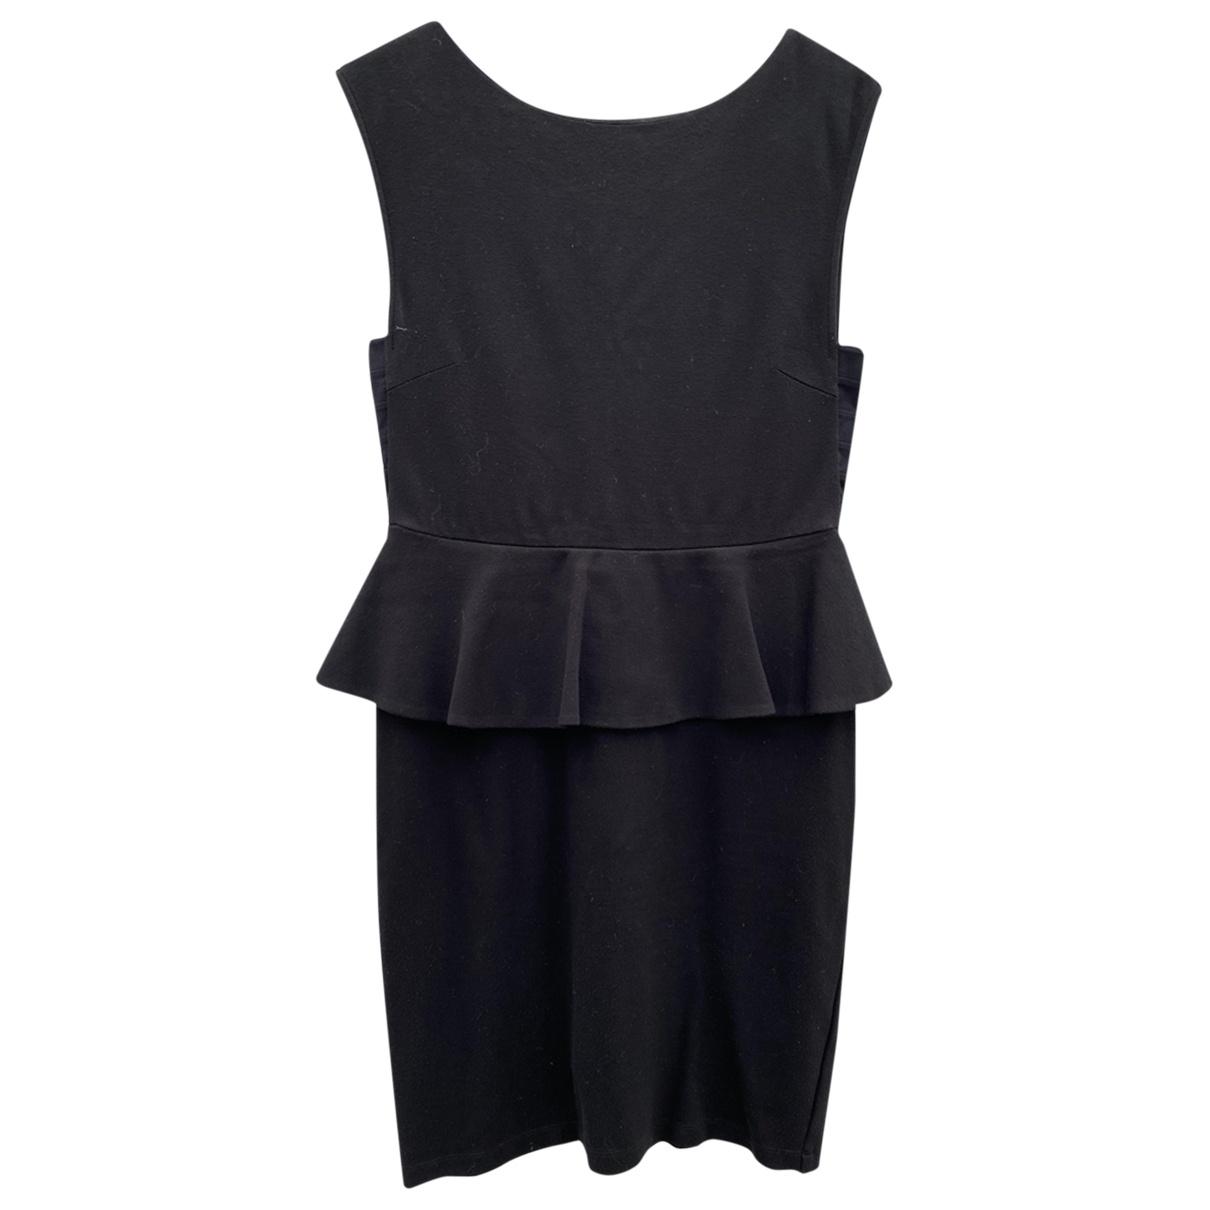 Alice & Olivia \N Kleid in  Schwarz Baumwolle